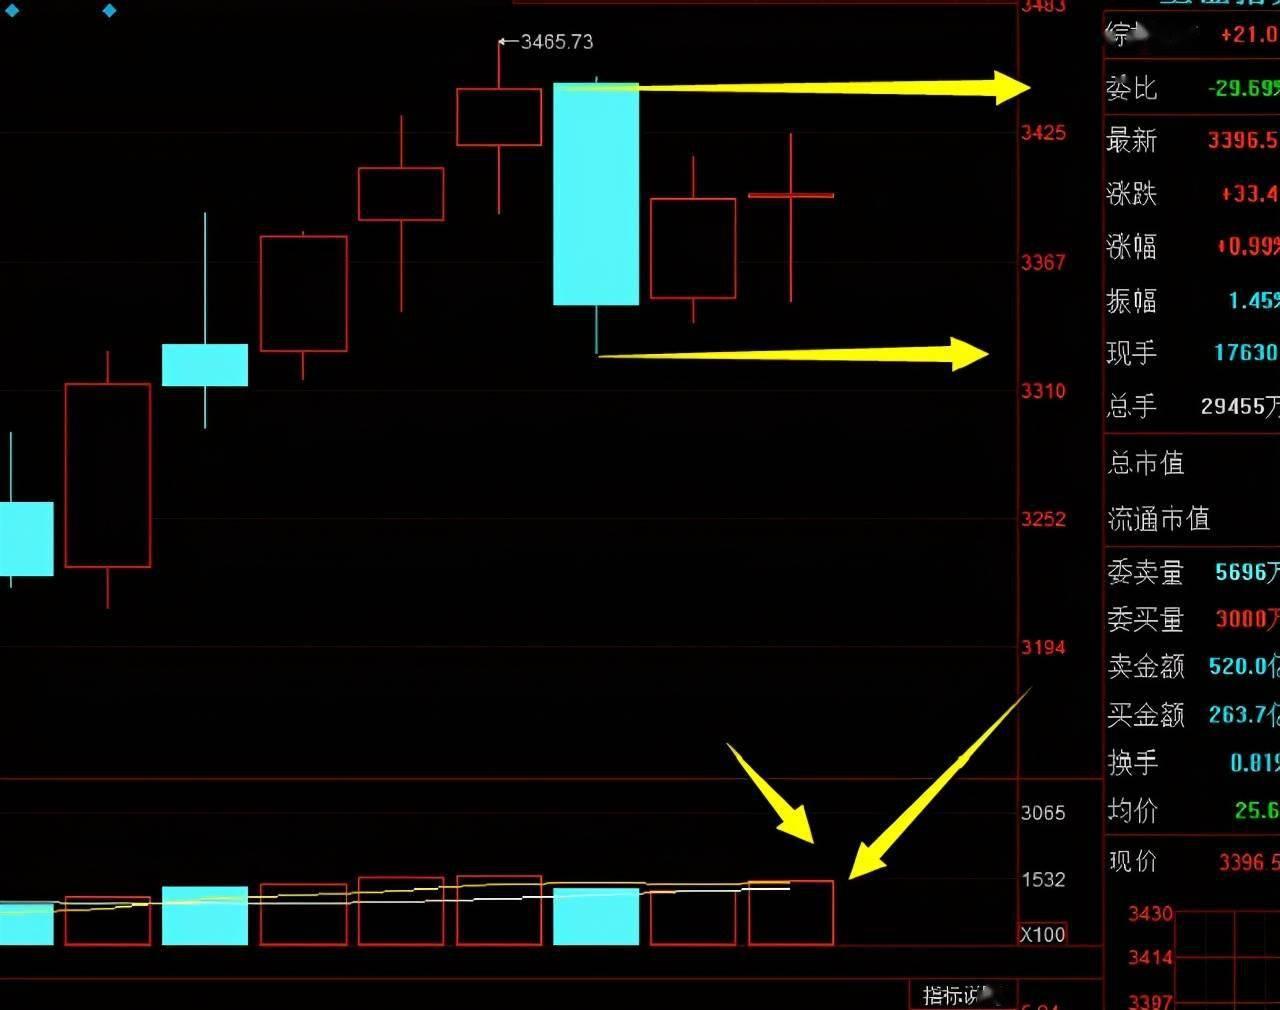 盈亚证券咨询双龙戏珠,郑州煤电、豫能控股两大河南妖股引爆市场